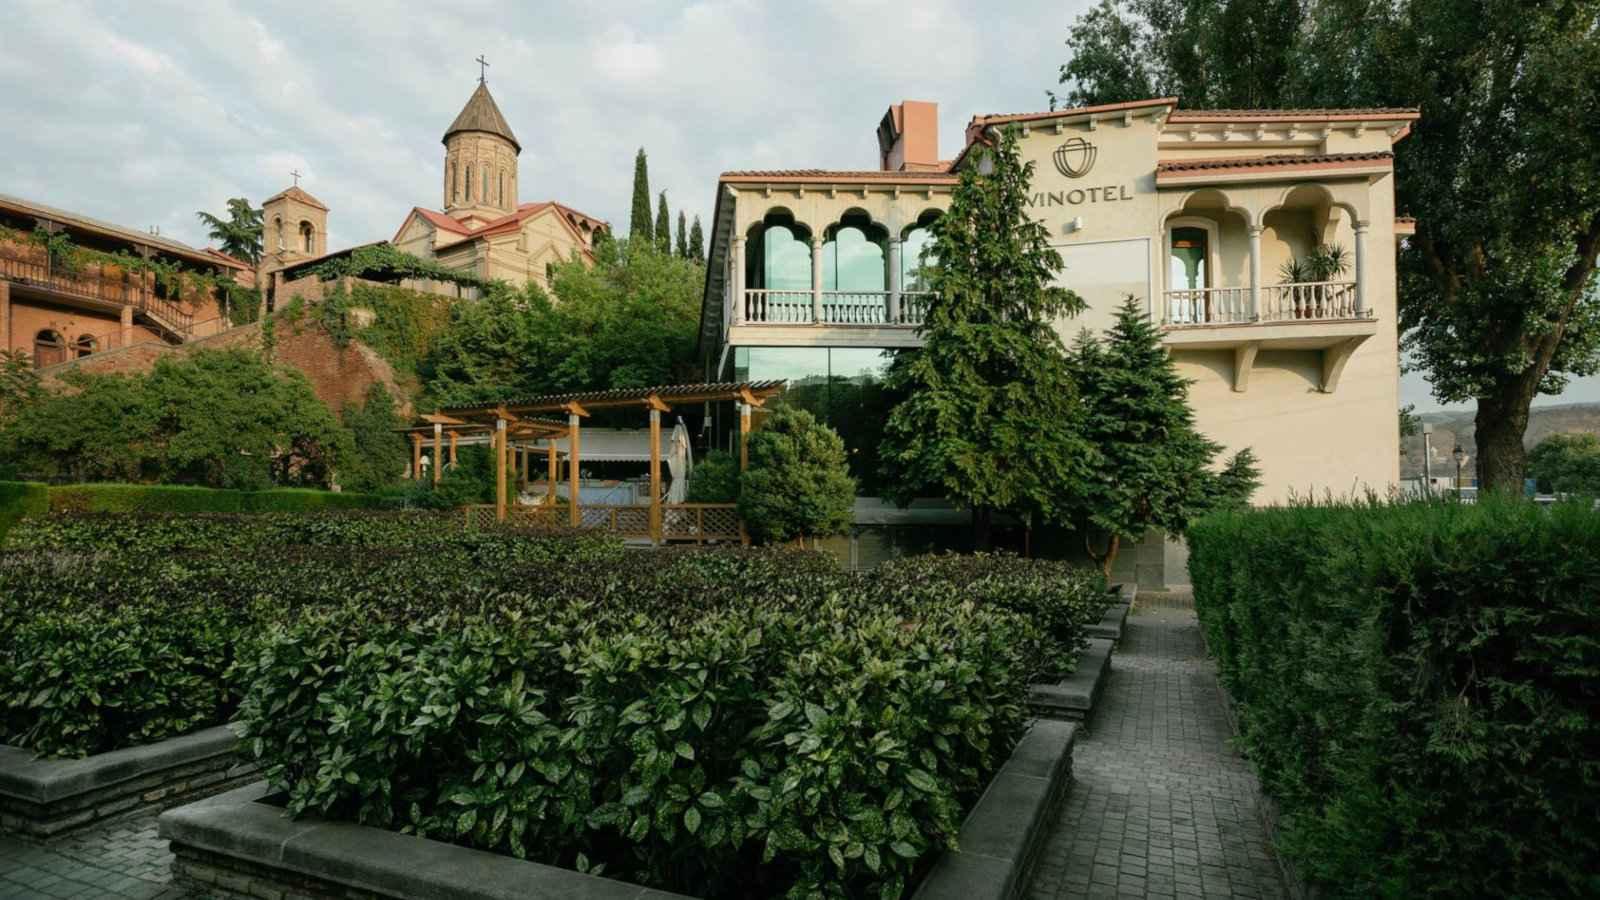 Le Vinotel Boutique Hotel à Tbilissi est un endroit magnifique, luxueux et gay friendly